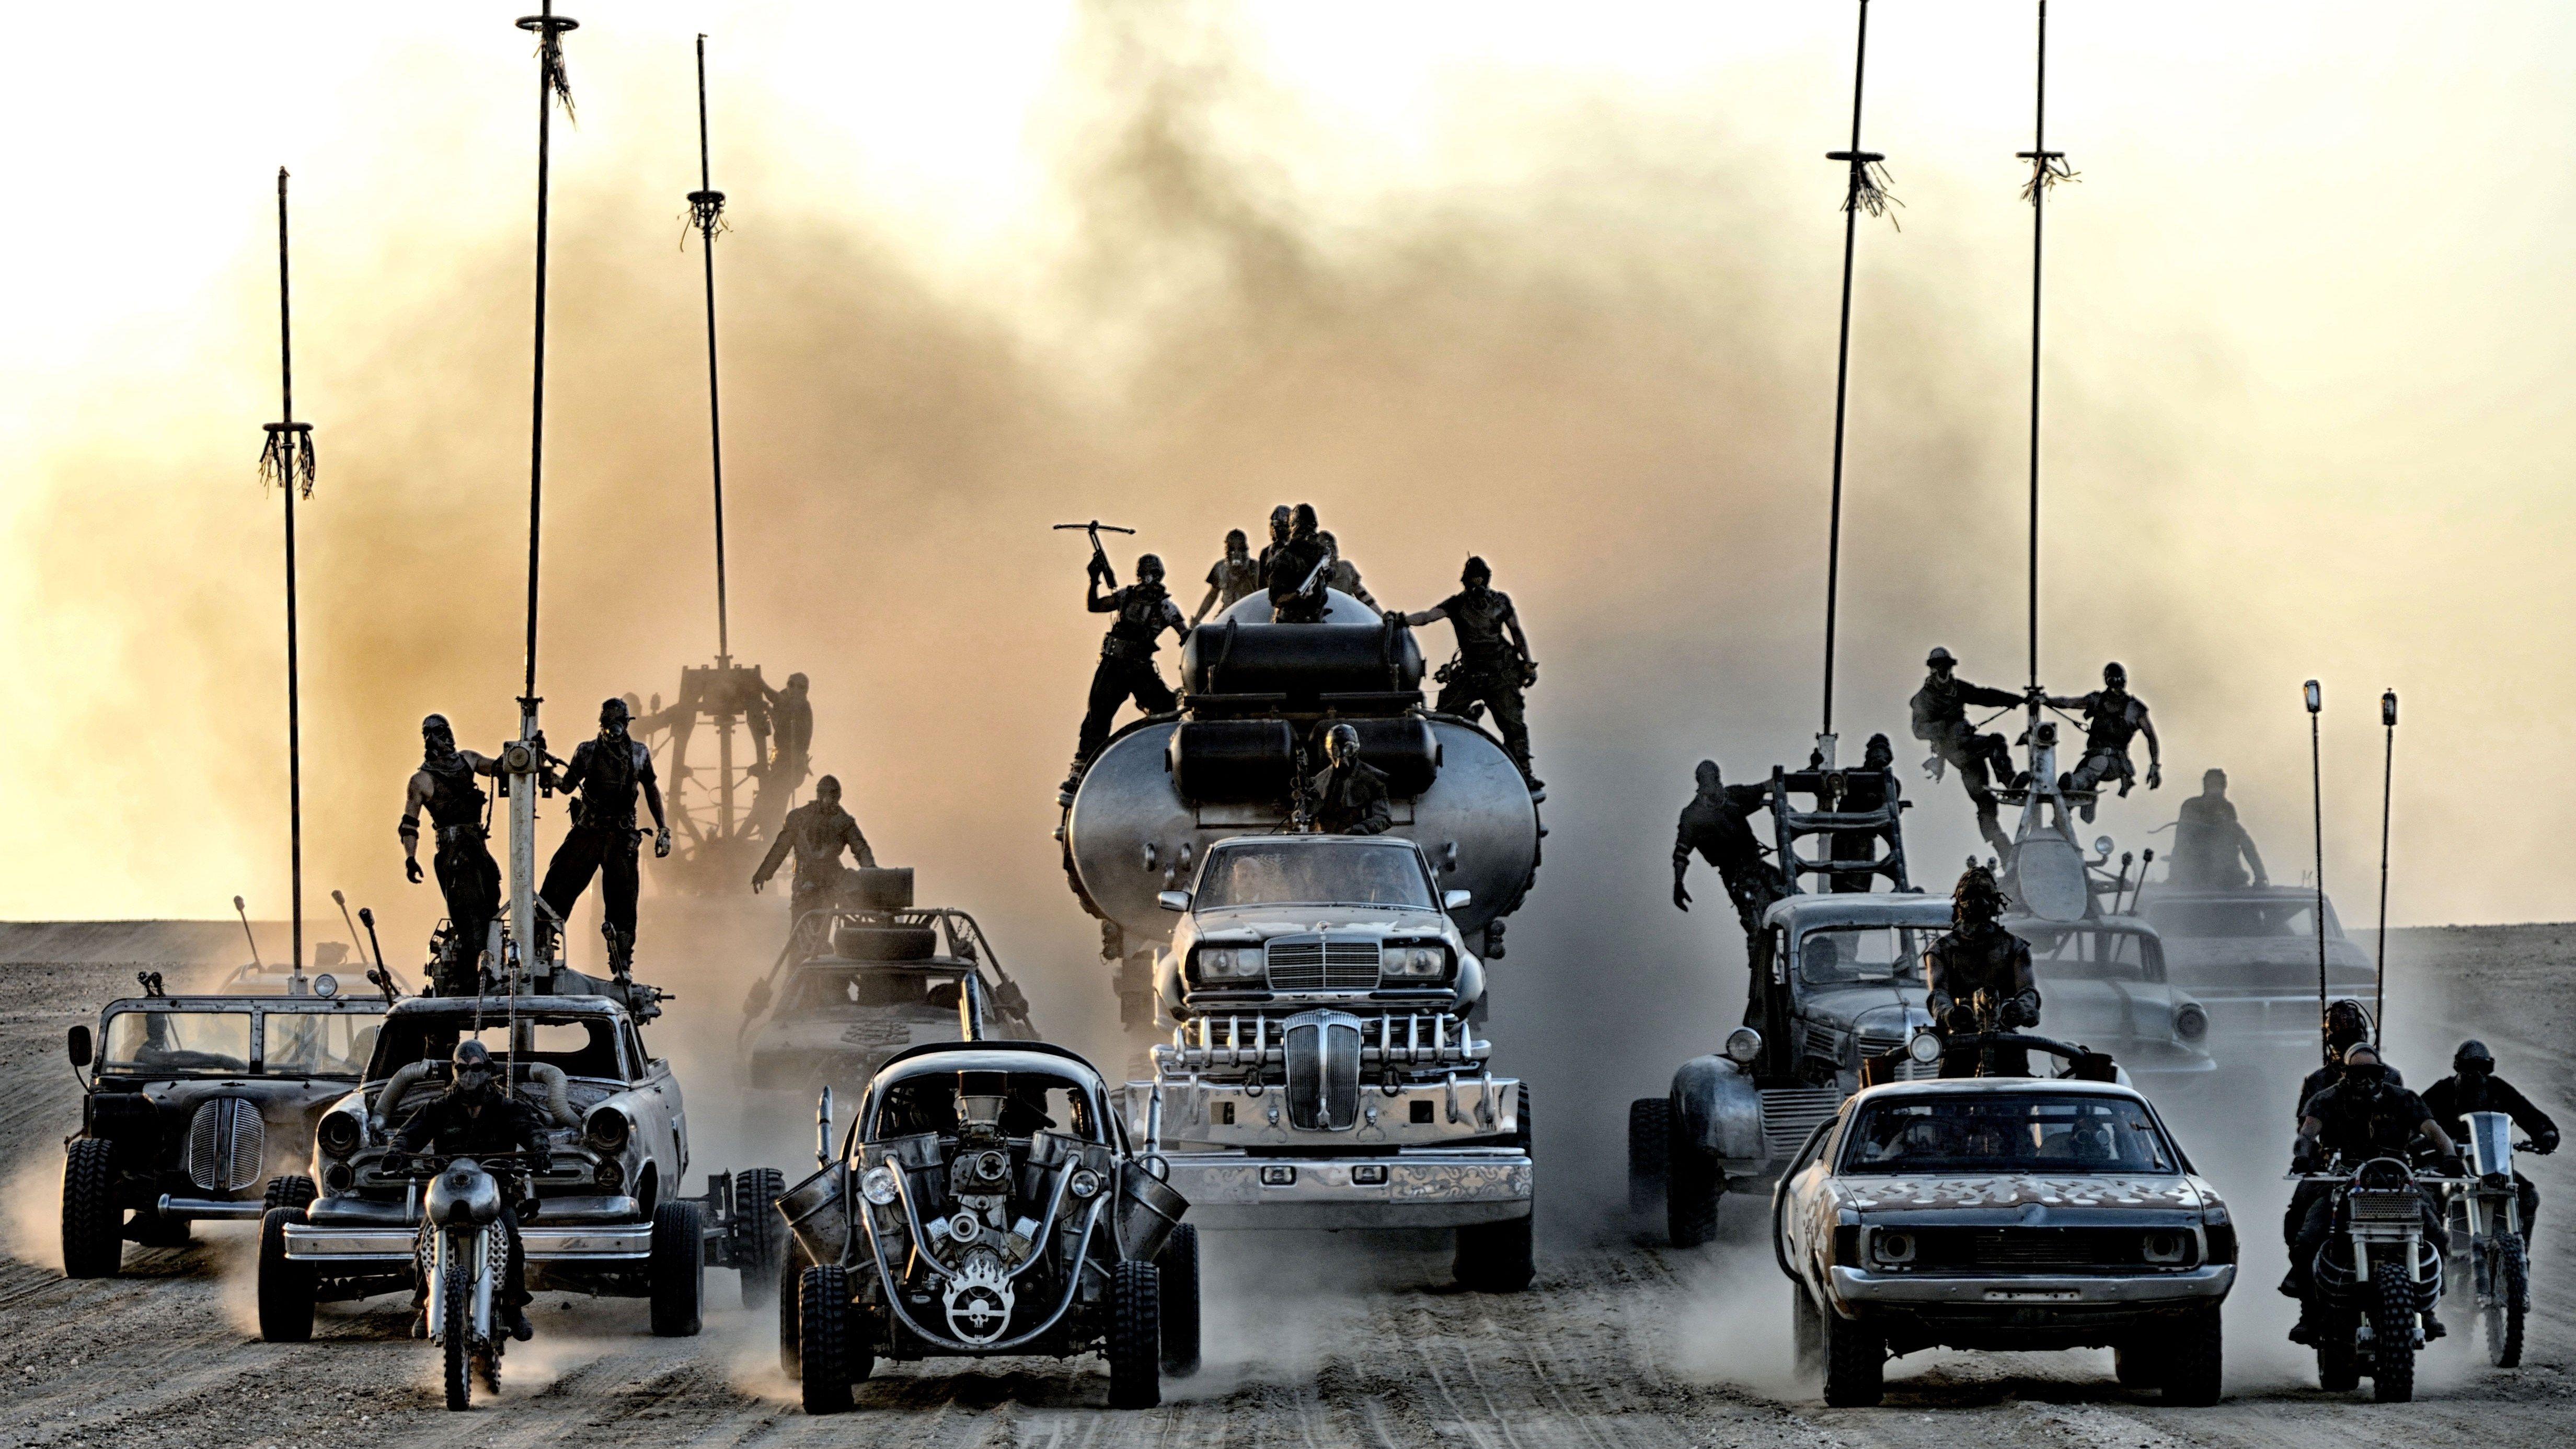 4k Wallpaper Mad Max Fury Road 4928x2772 Mad Max Fury Road